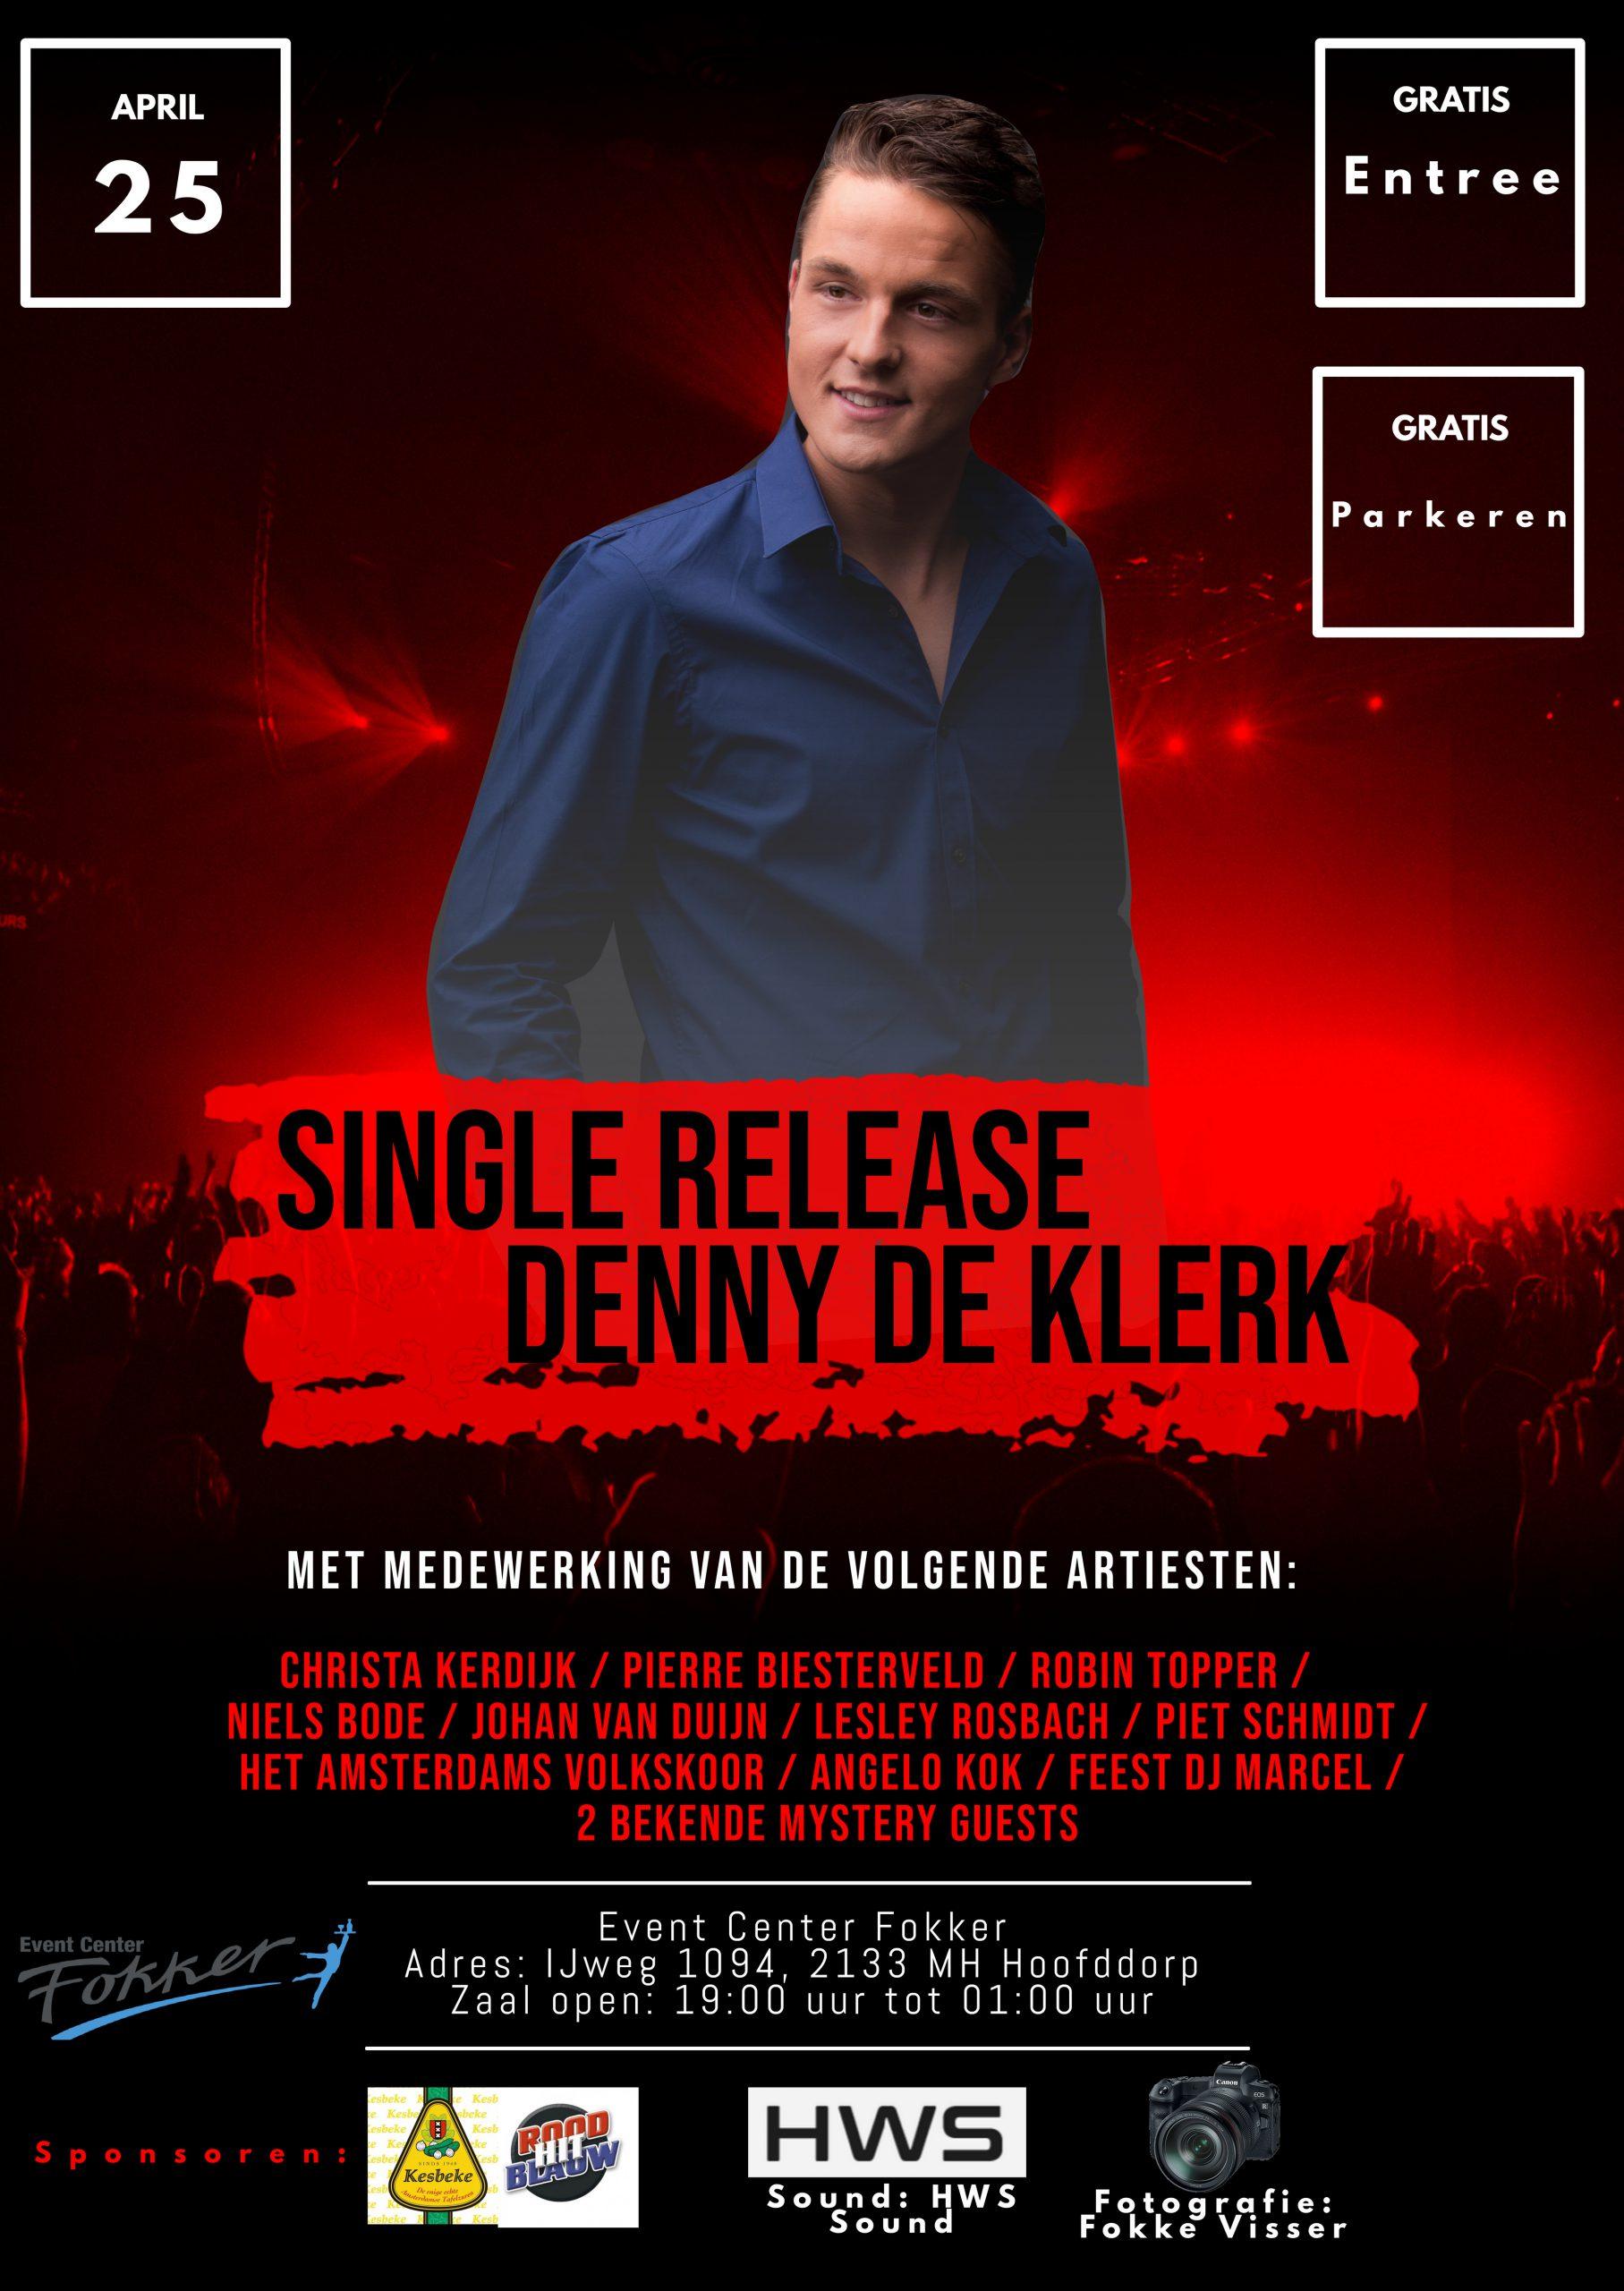 Single release Denny De Klerk